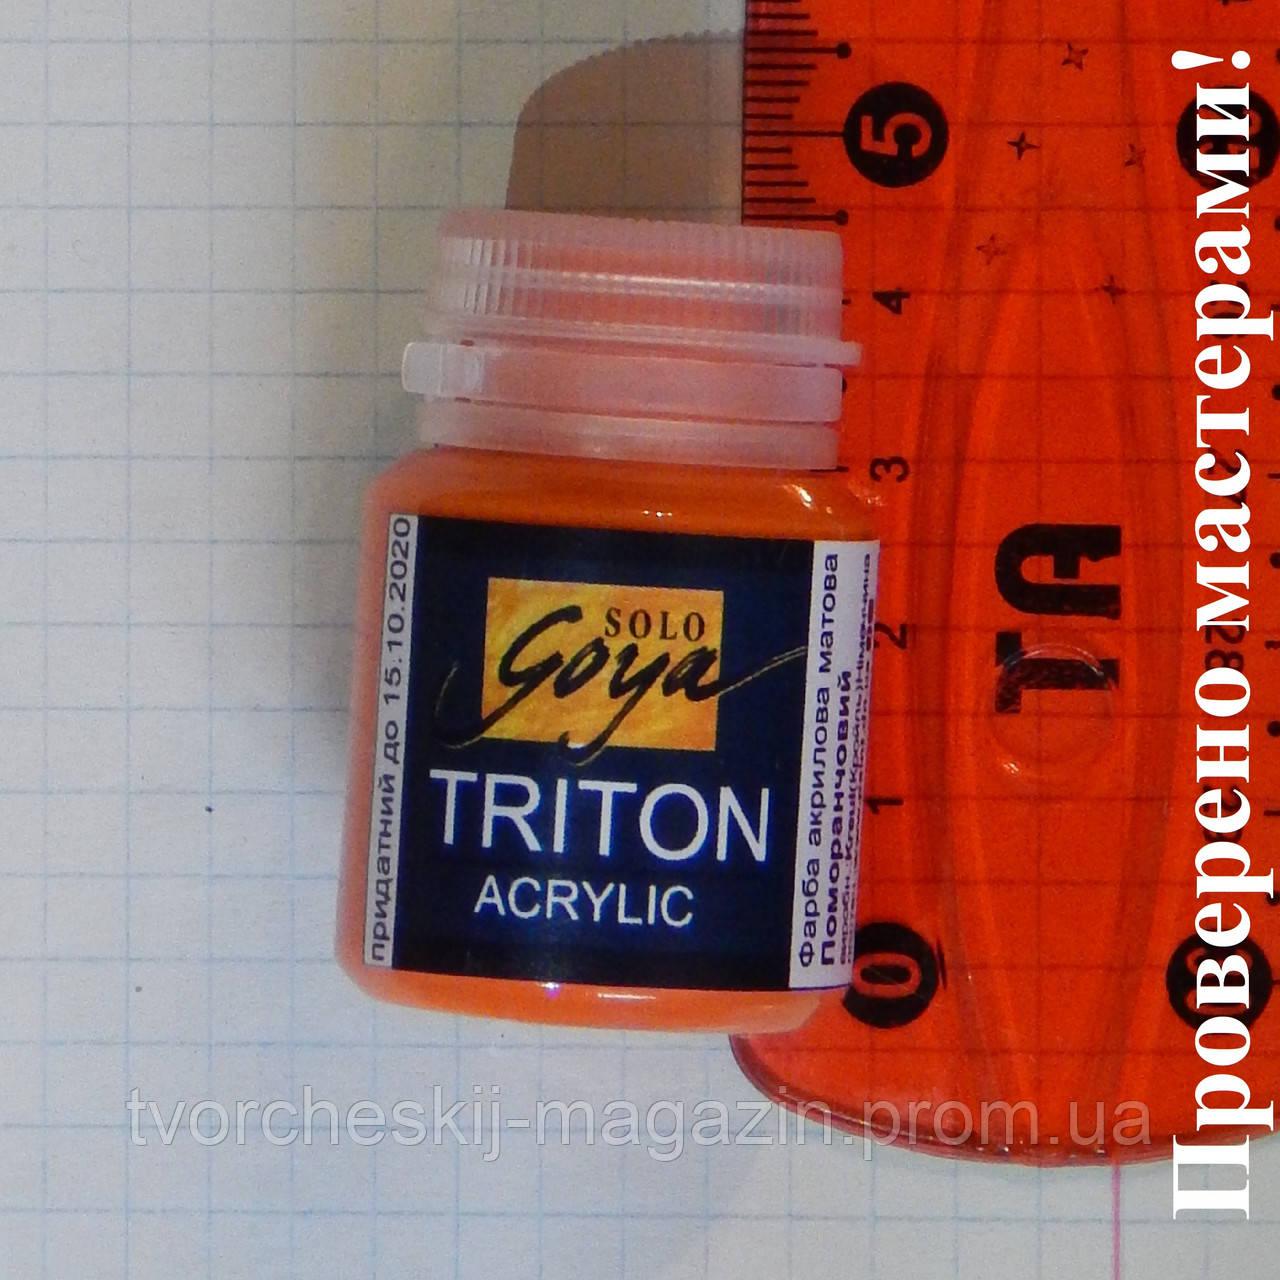 """Краскаакриловая матовая художественная """"Solo Goya"""" Triton 20мл, Оранжевая"""